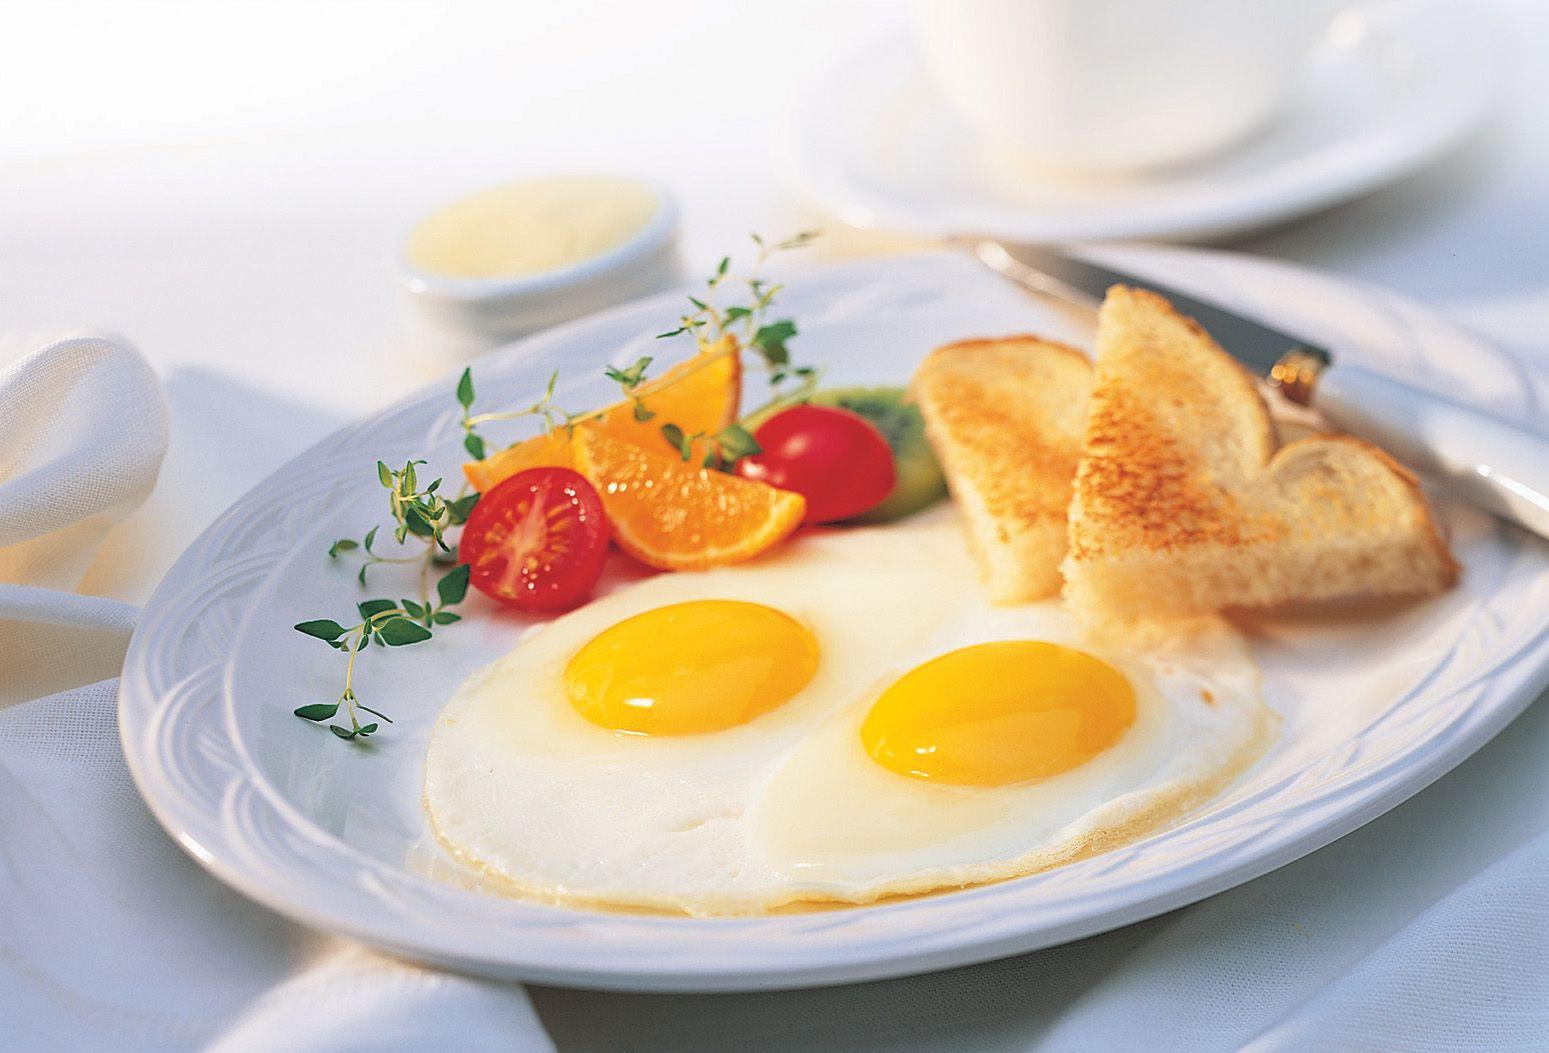 Sáng ngủ dậy nên làm ngay 5 việc này để cơ thể khỏe đẹp từ trong ra ngoài - Ảnh 5.